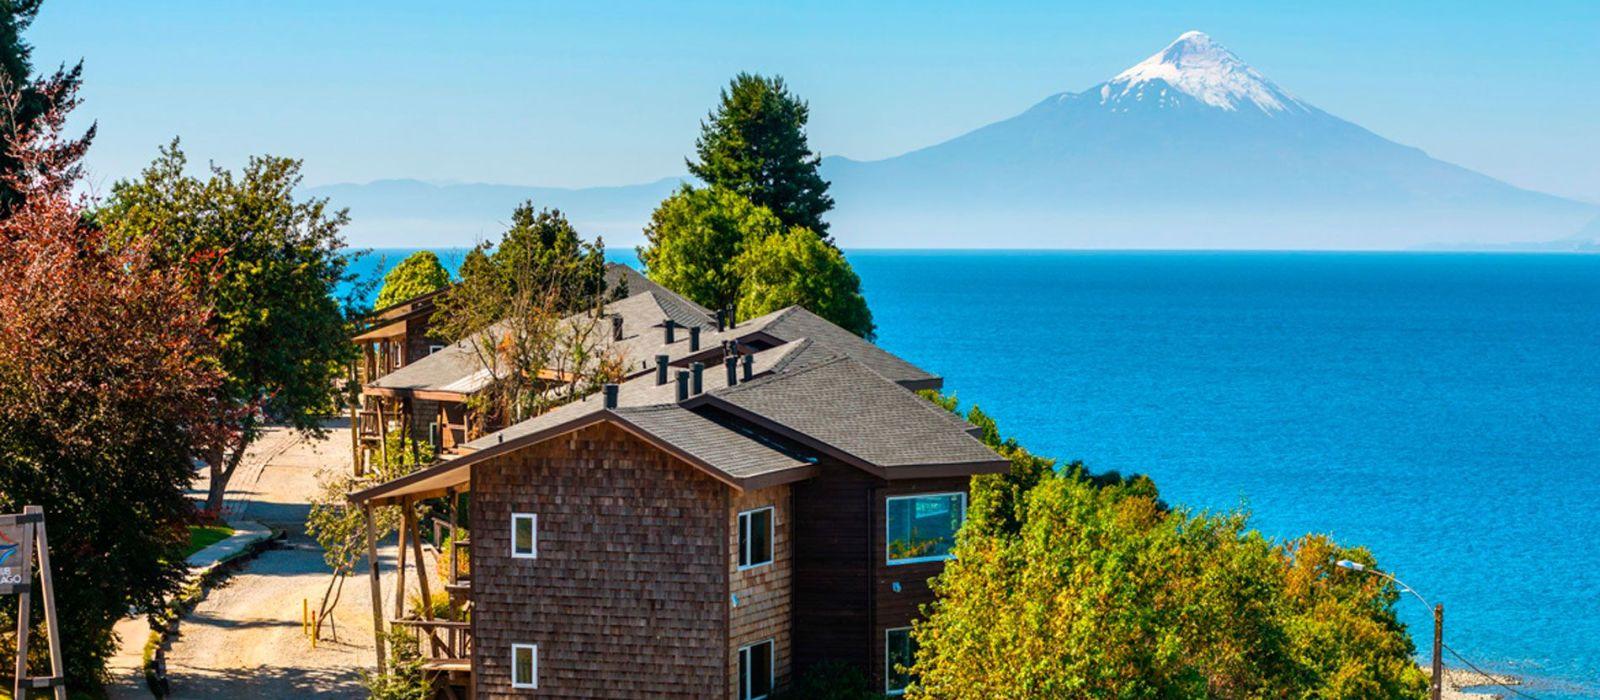 Hotel Cabaña del Lago Chile